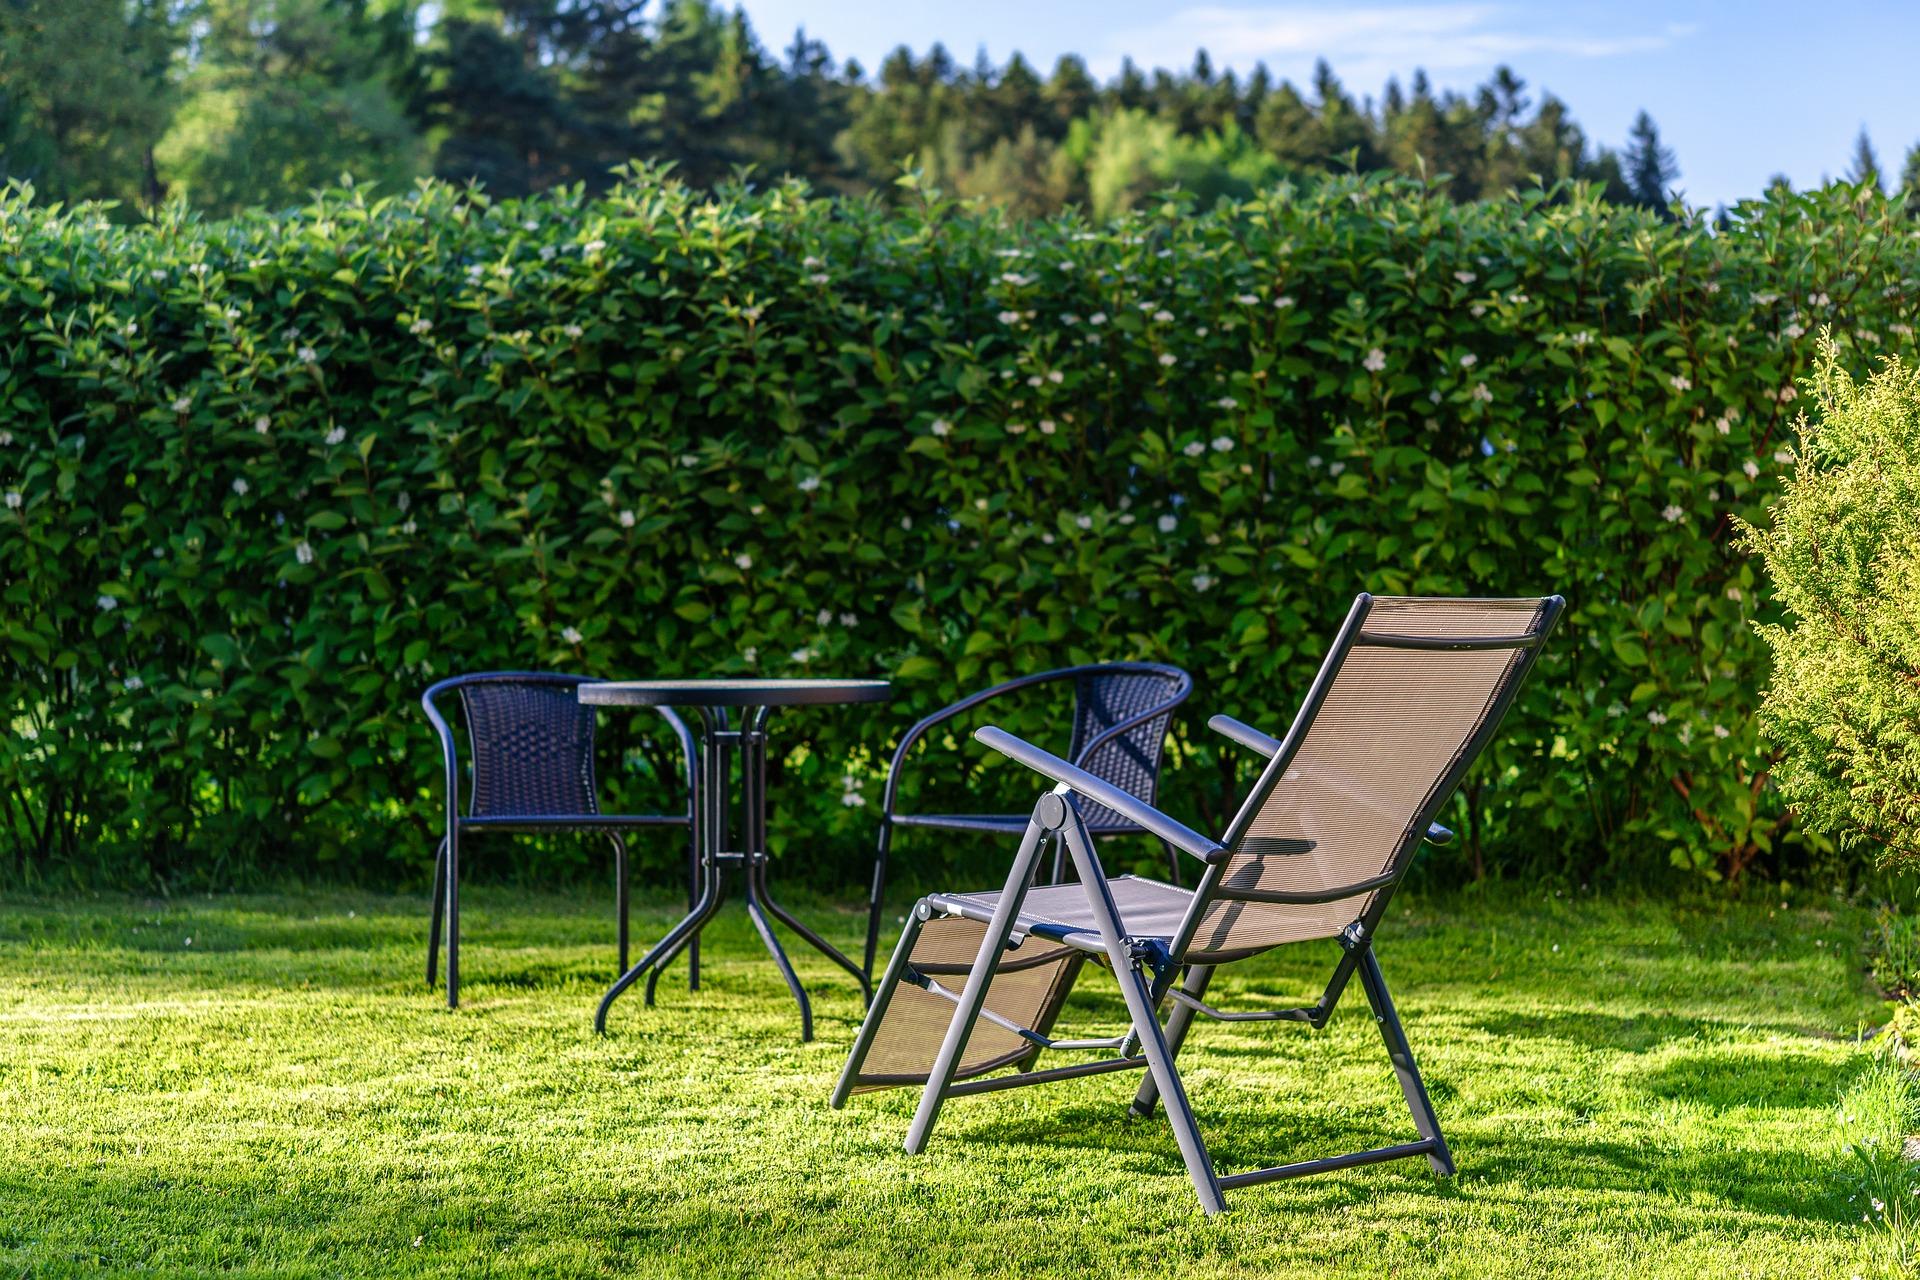 Chaises et table installées dans un jardin